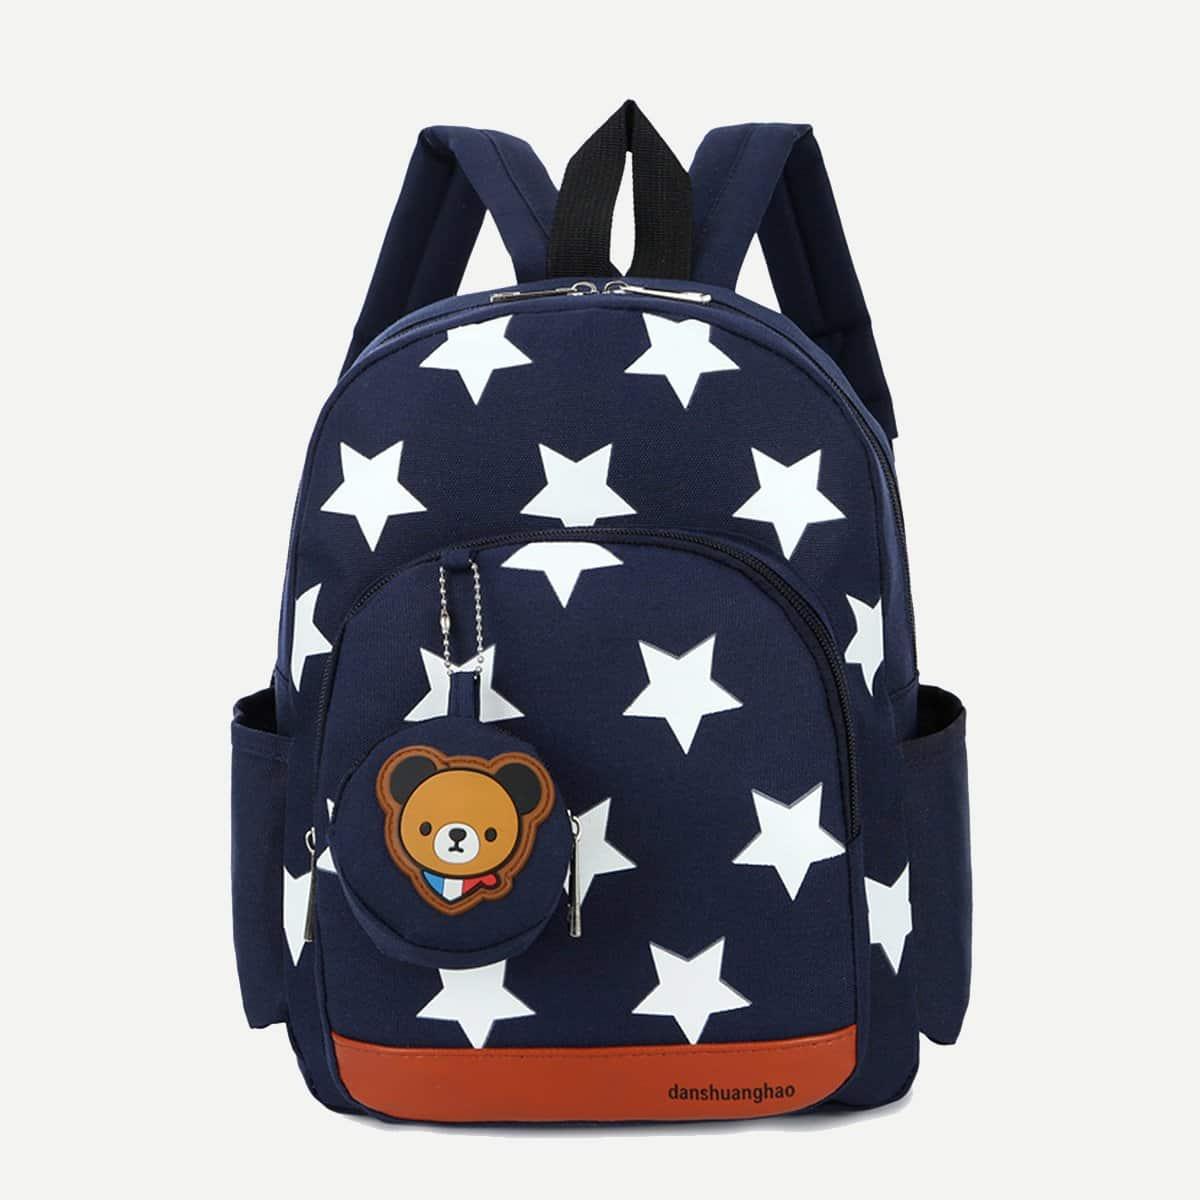 Нейлоновый рюкзак с принтом звёзд для детей